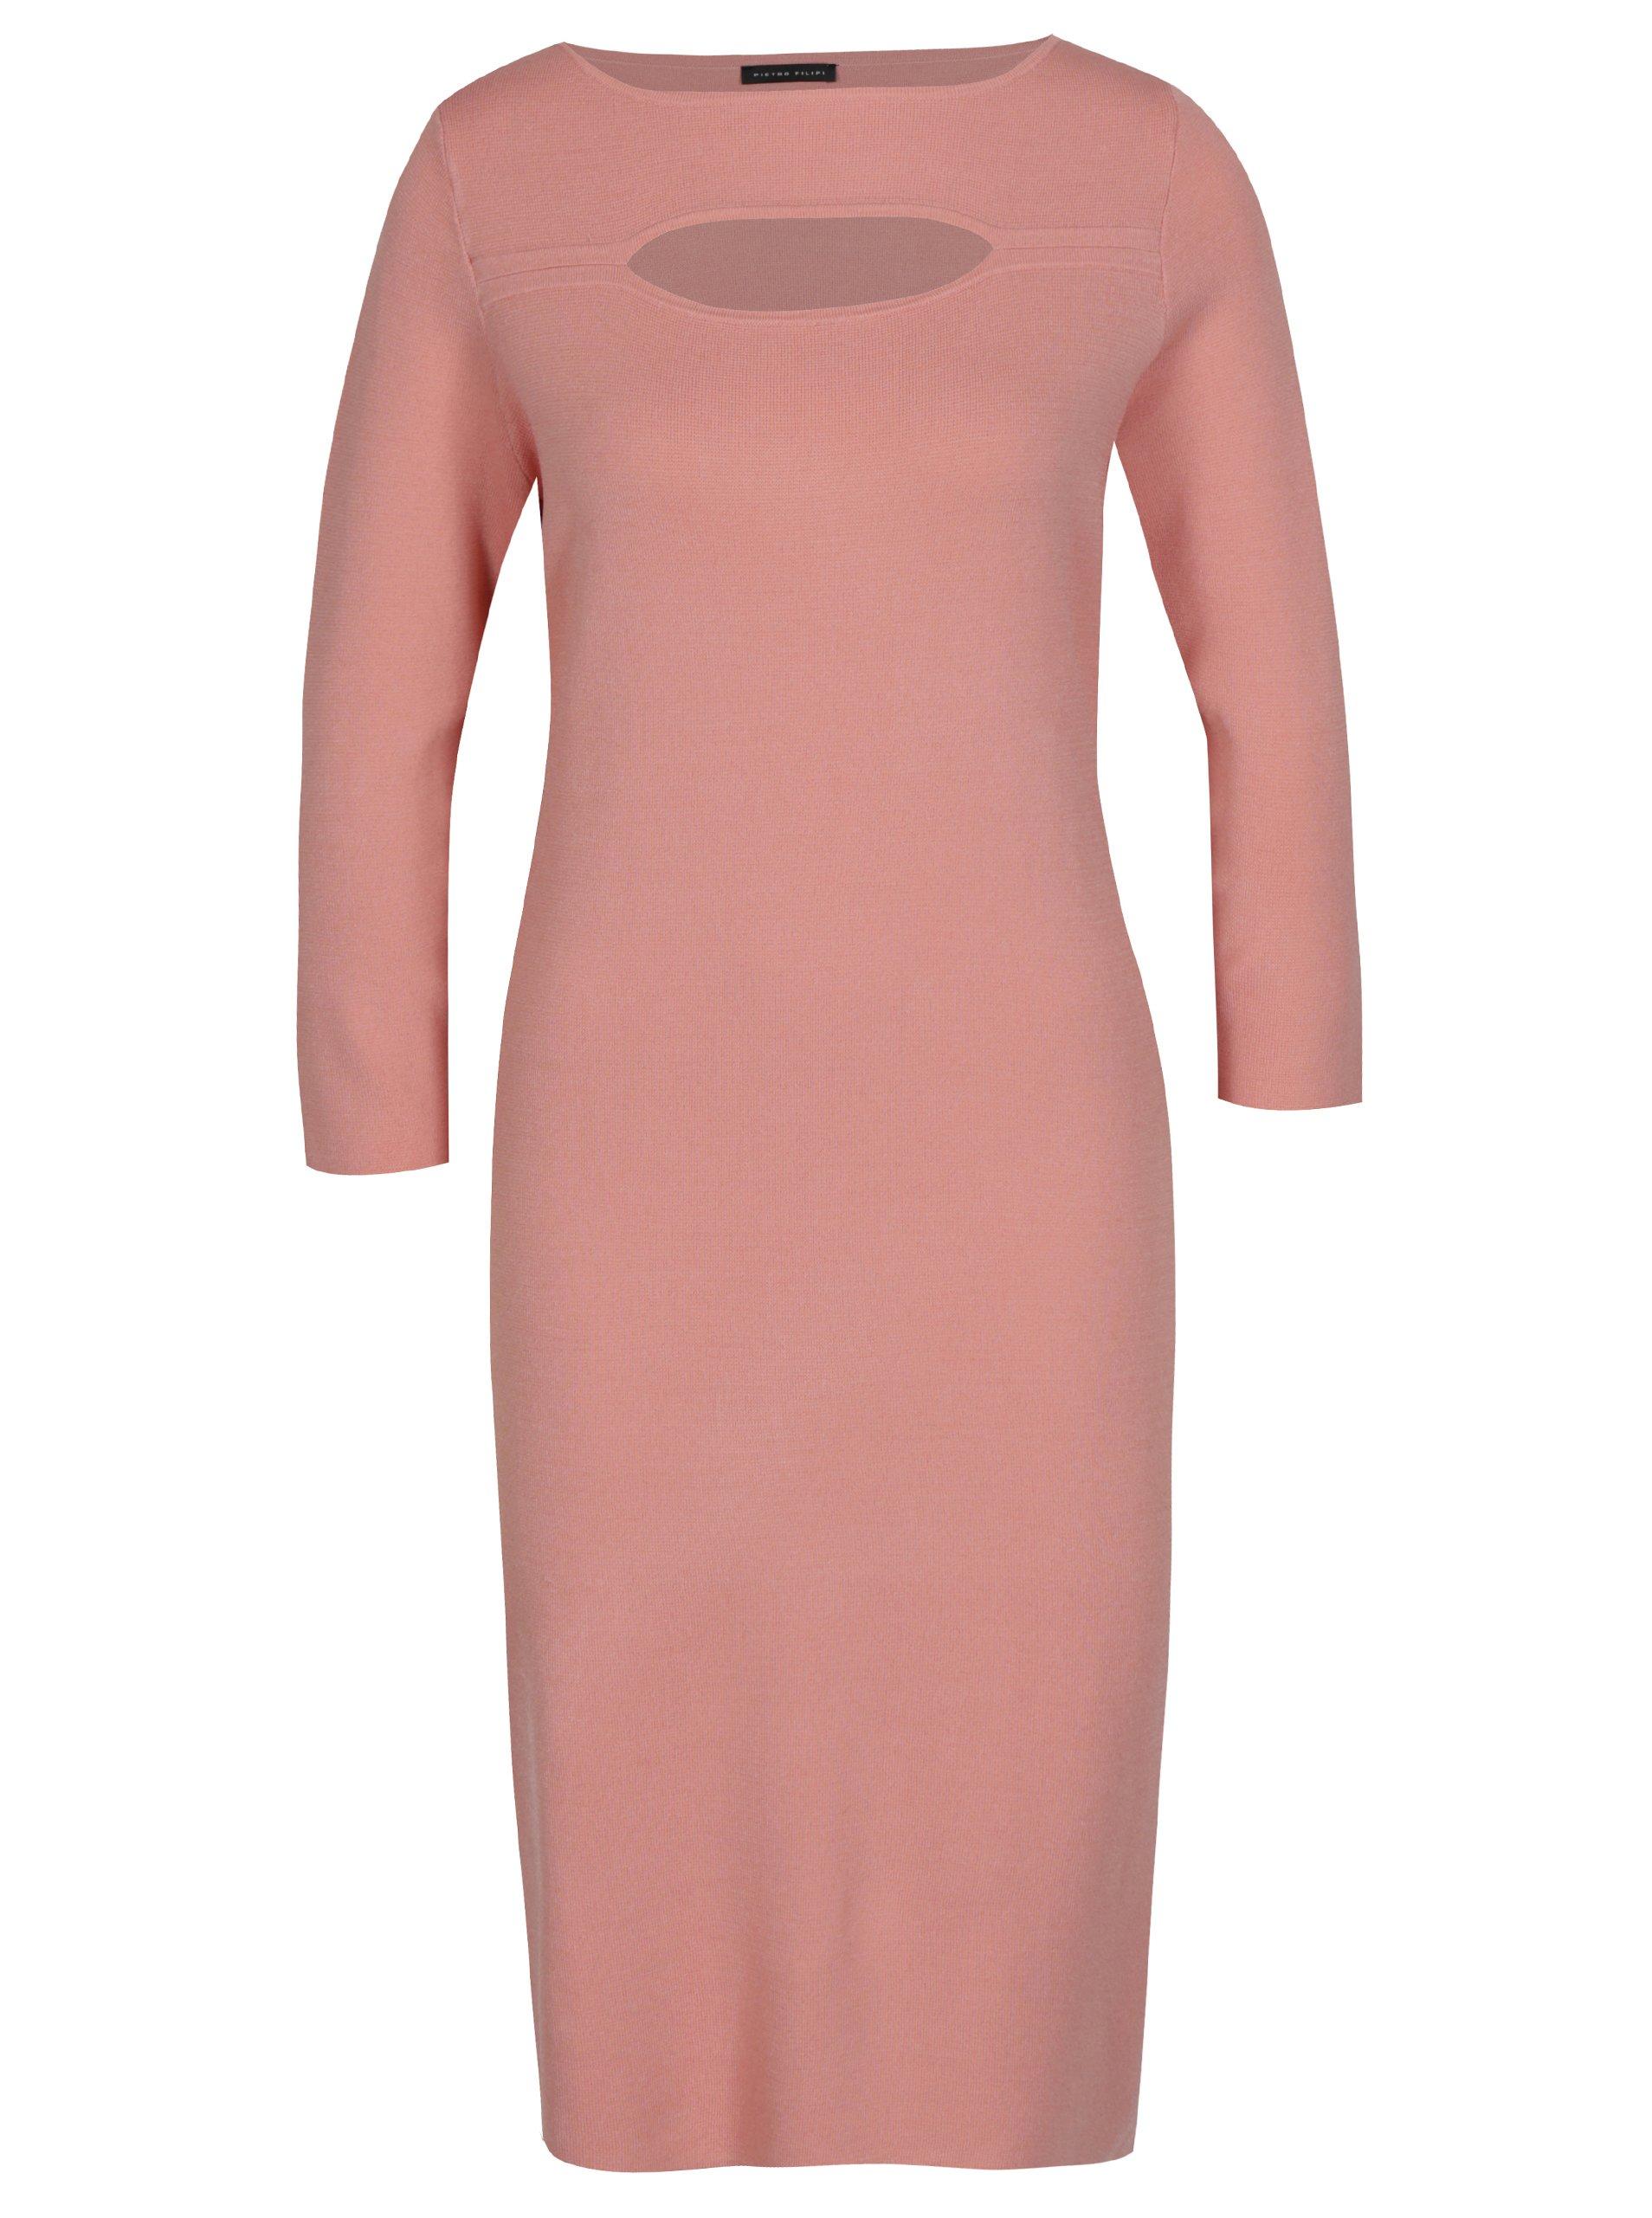 Fotografie Růžové dámské šaty s 3/4 rukávem Pietro Filipi